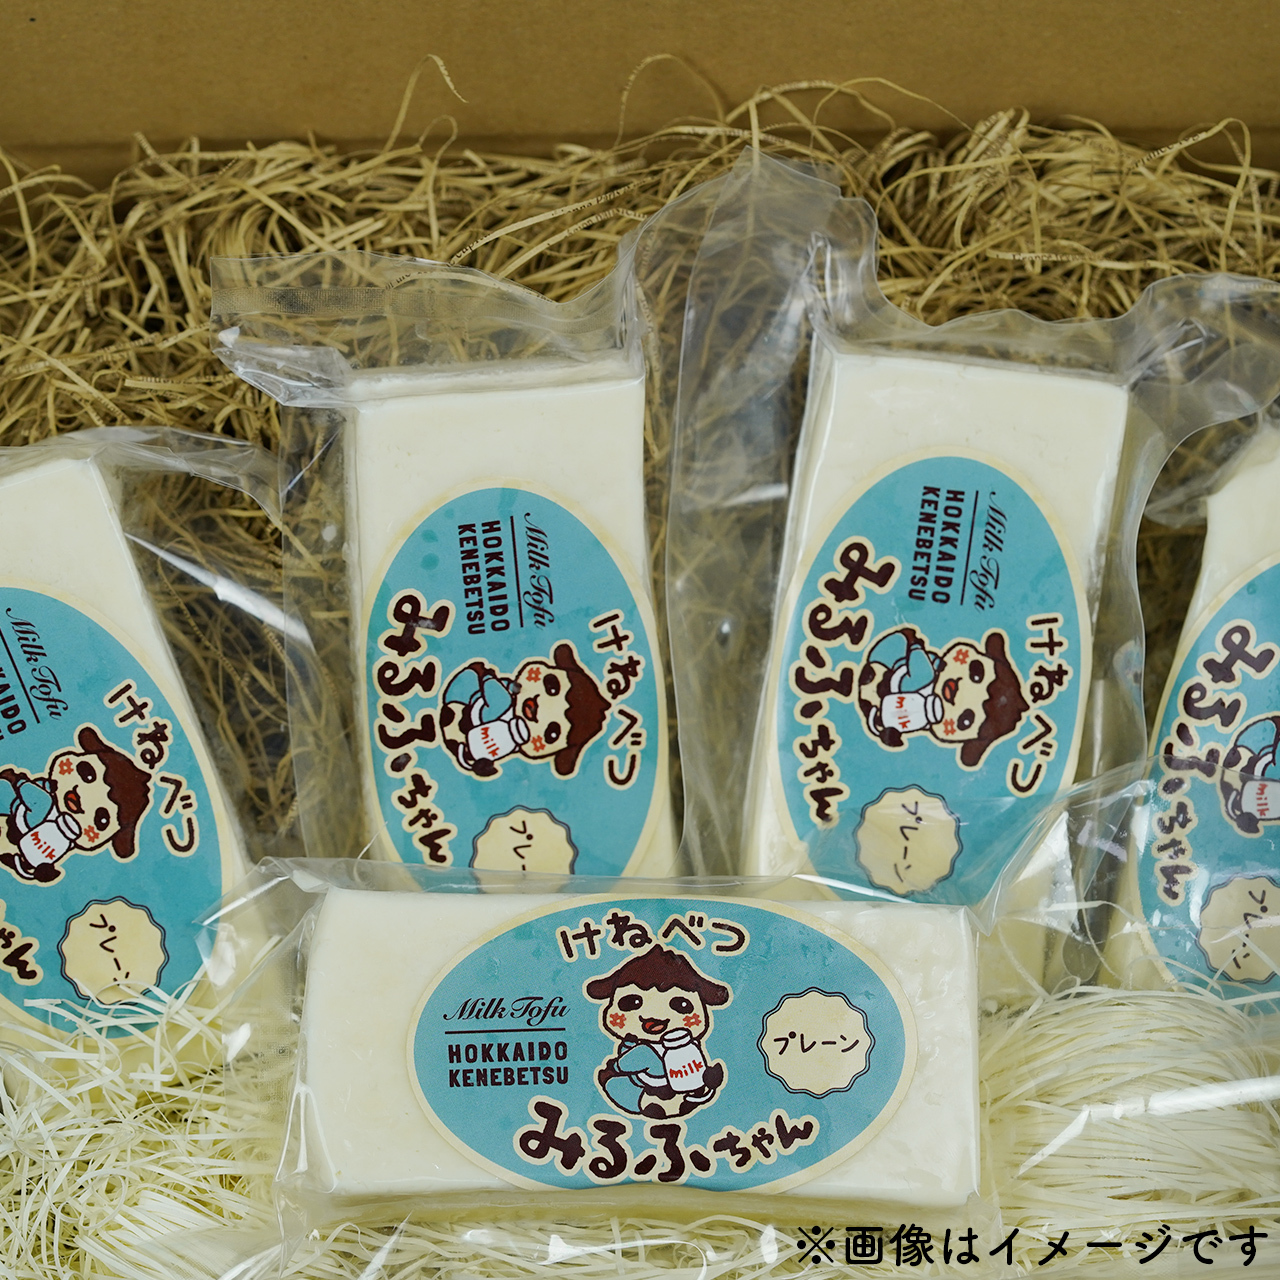 【贈答用】みるふちゃん150g 5個入【牛乳豆腐】北海道の酪農家が作った食べる牛乳